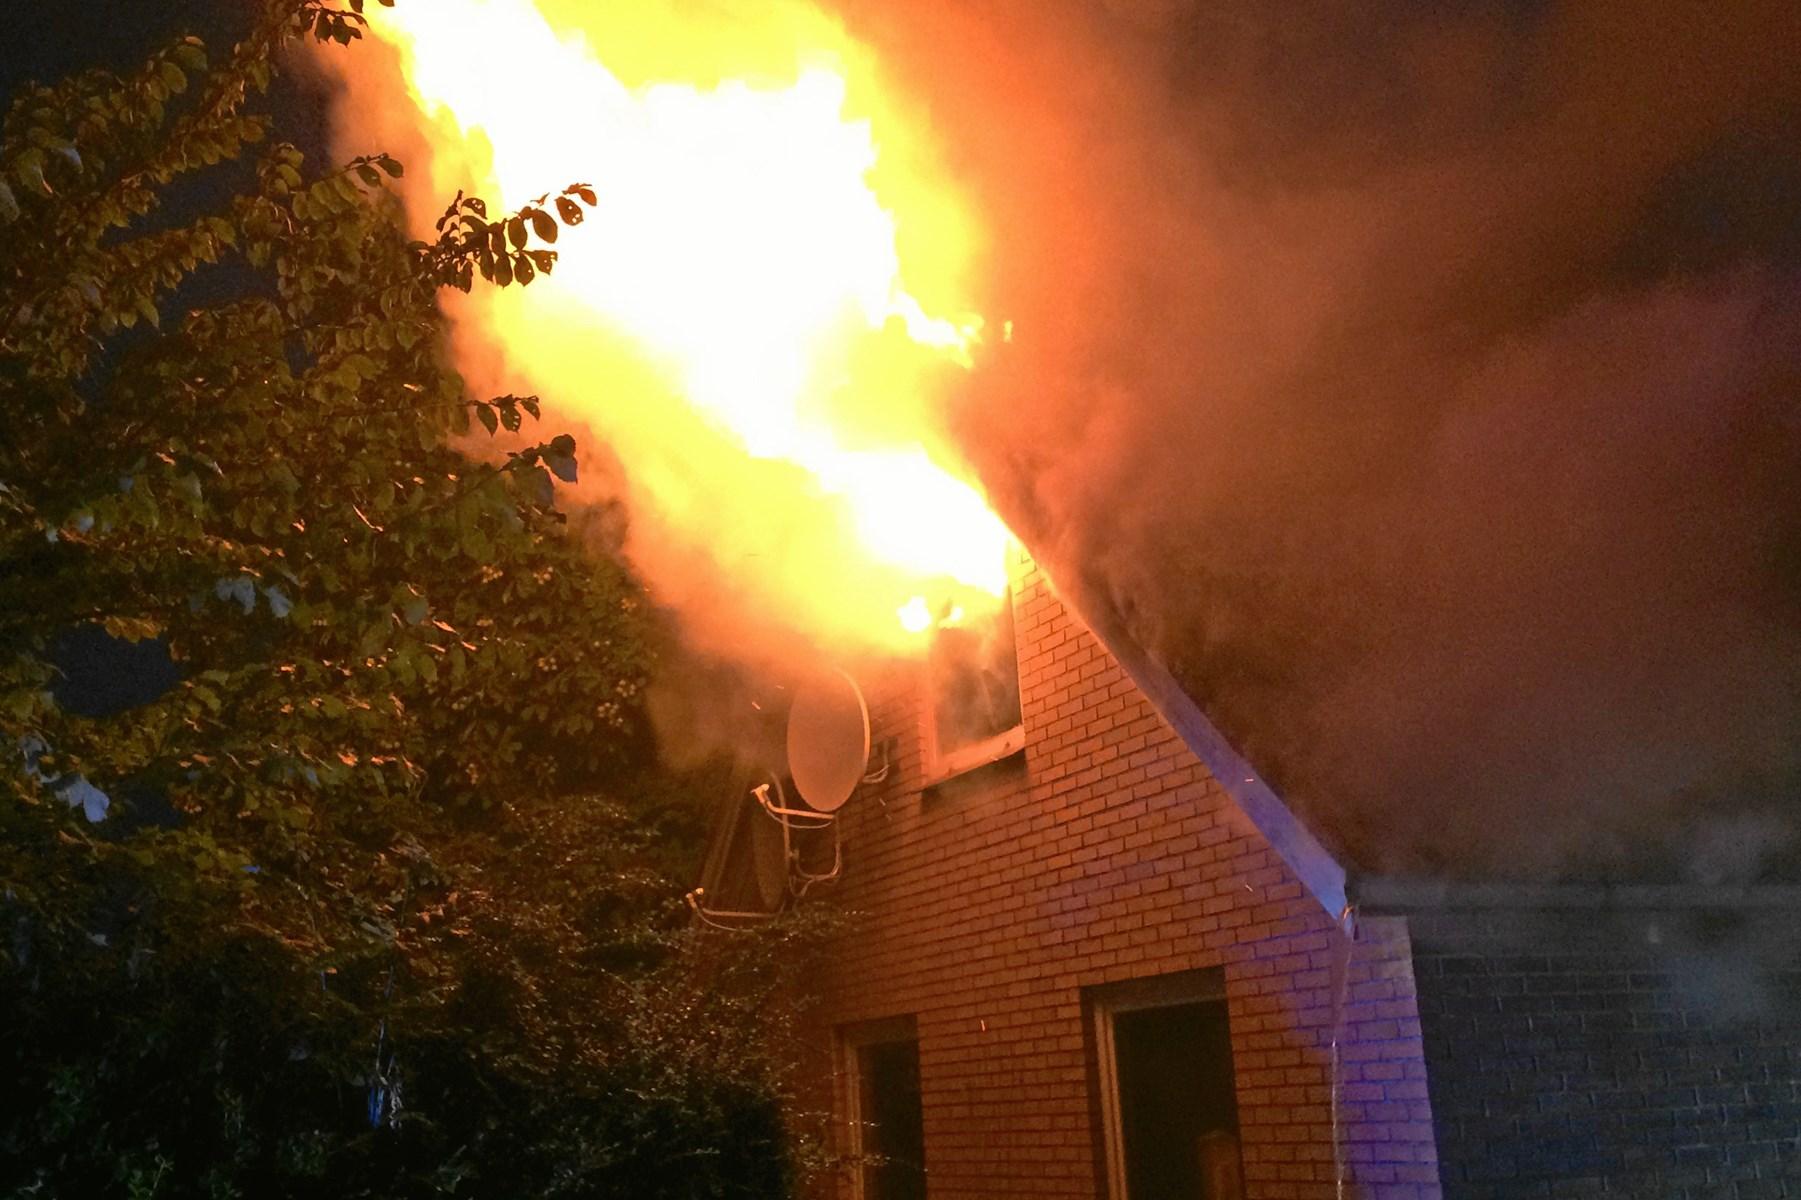 Voldsom brand på landejendom: 20 mand deltog i slukningsarbejdet